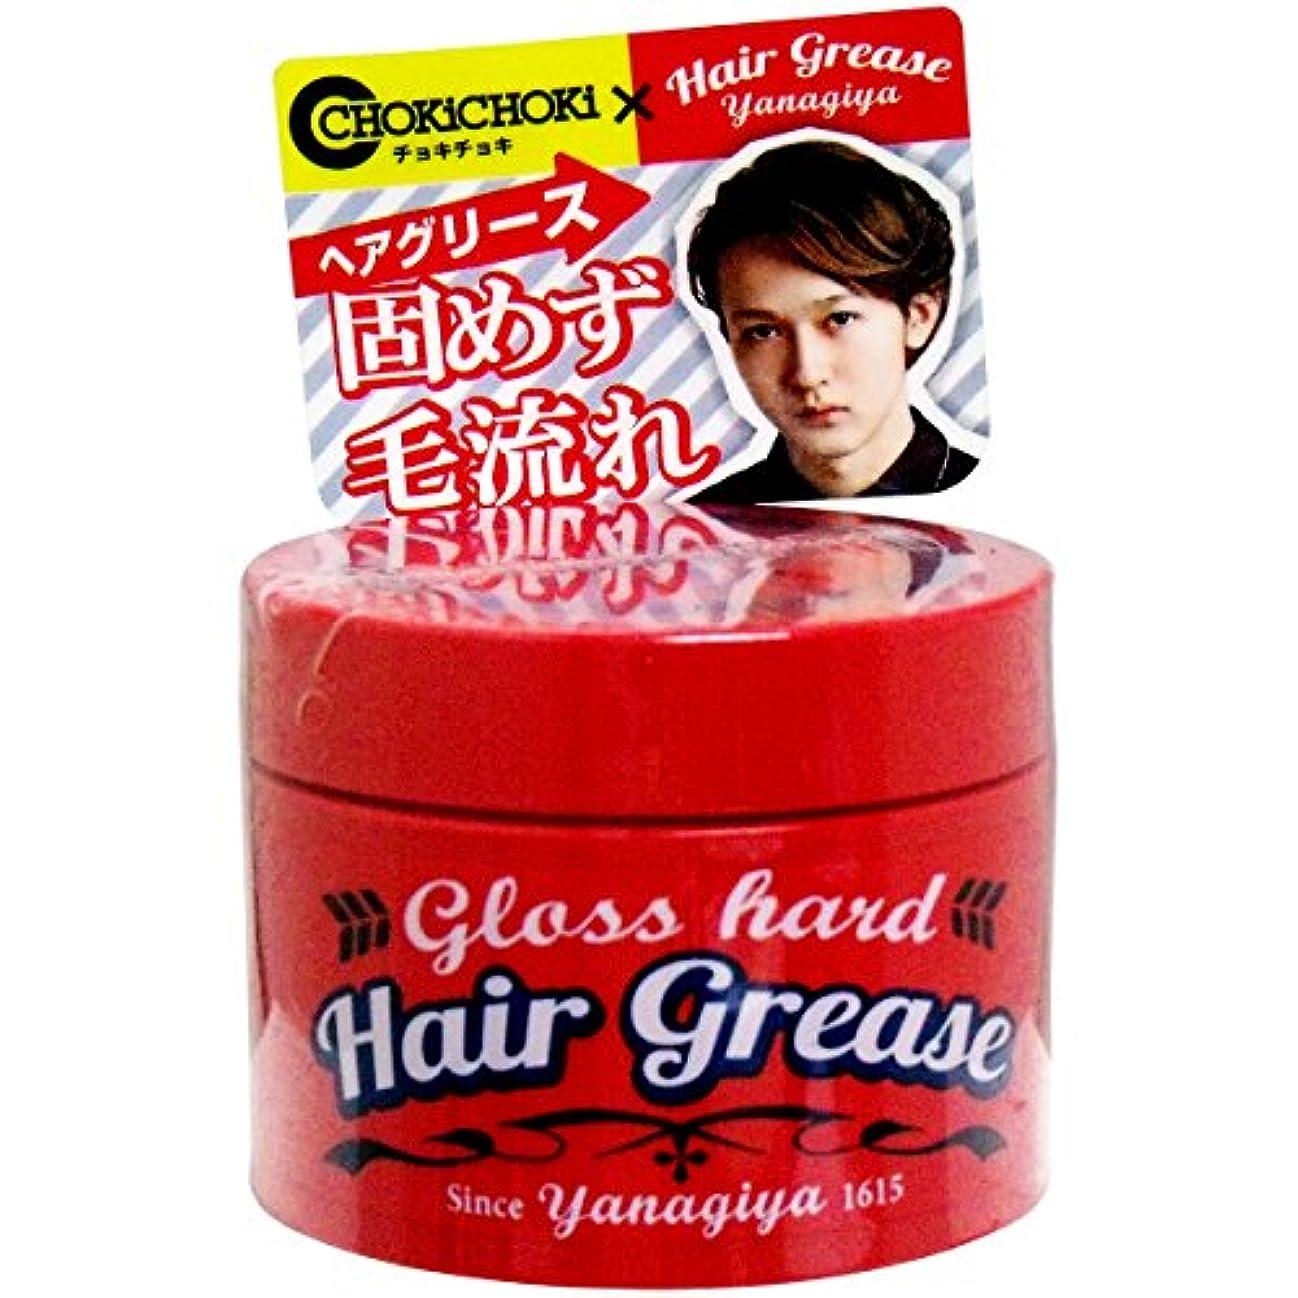 フック固める乳ヘアワックス 固めず毛流れ 使いやすい YANAGIYA ヘアグリース グロスハード 90g入【4個セット】